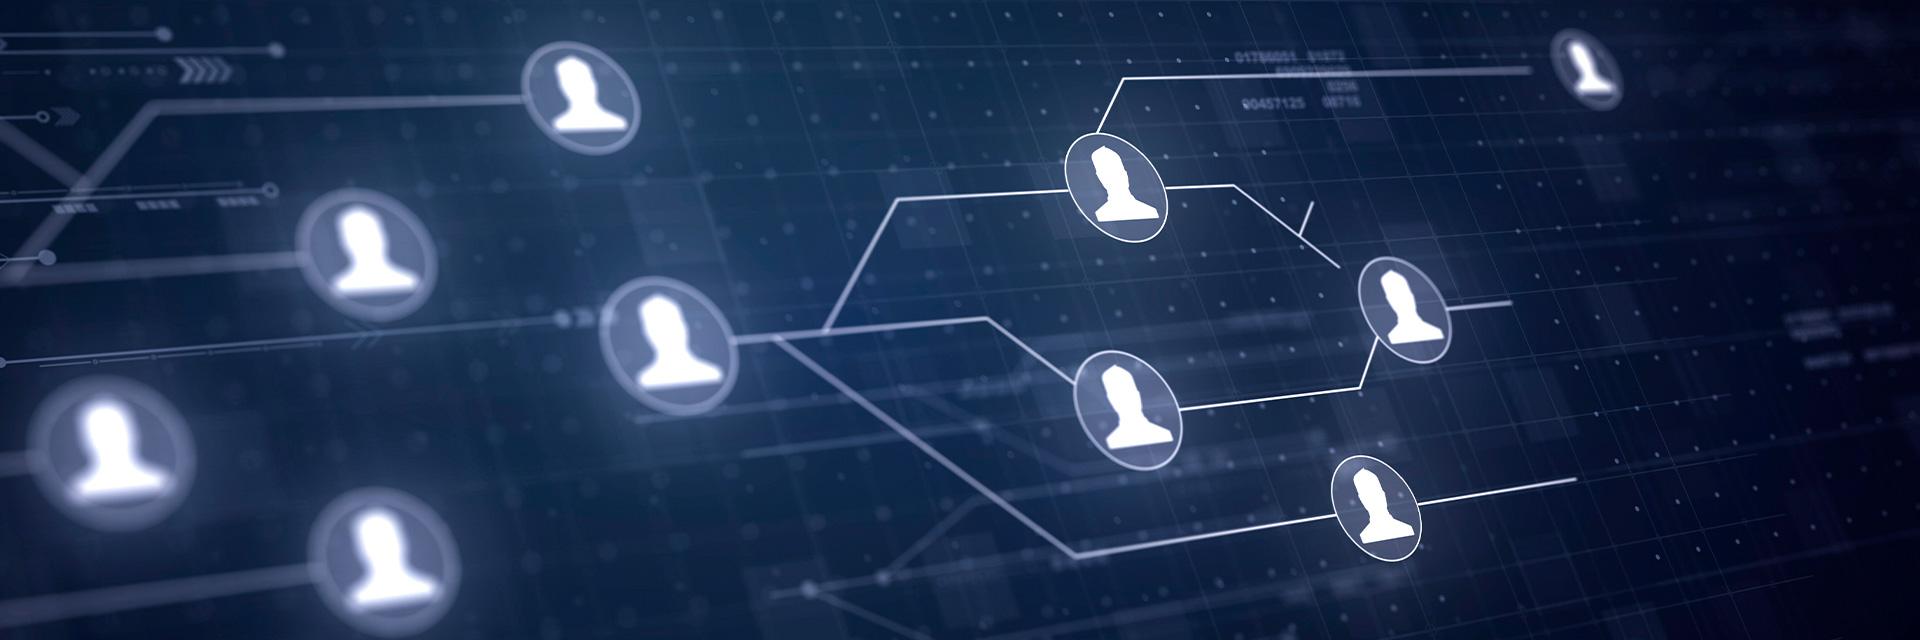 Мтс выпустили первую сеть 5g в россии